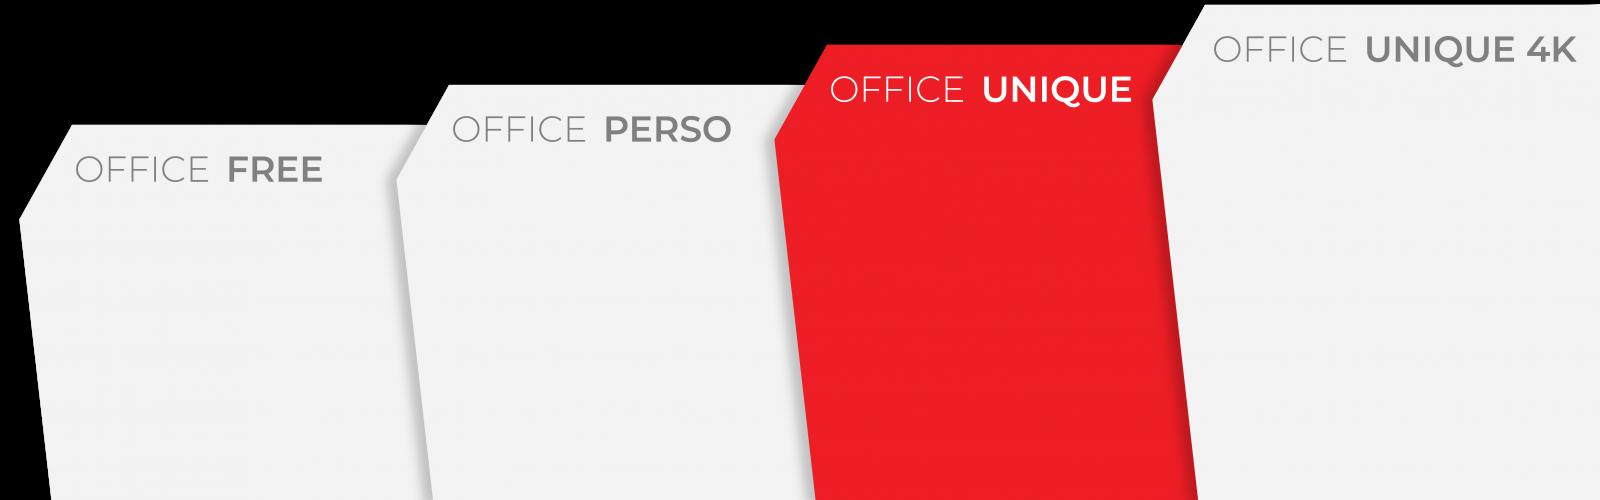 Office_Unique_Hero2